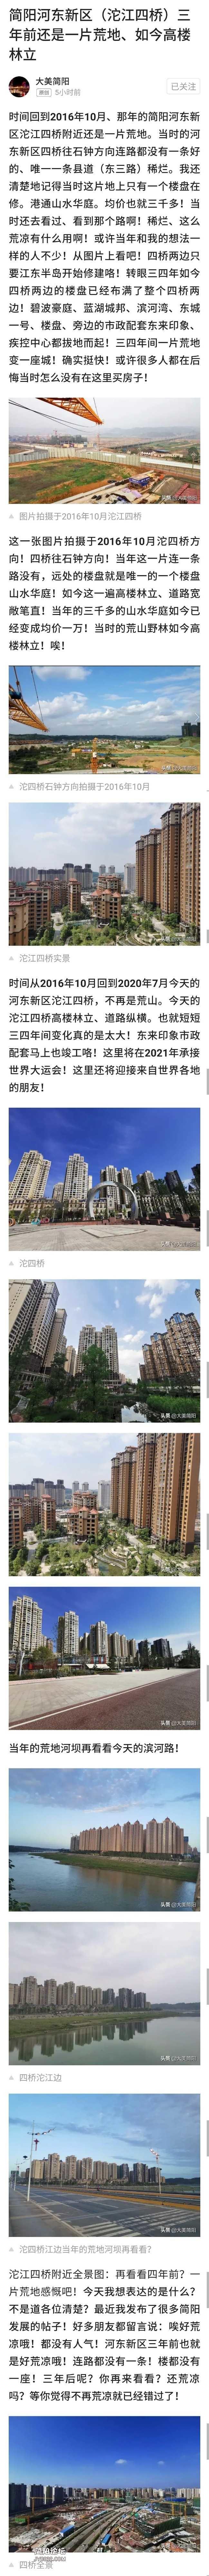 簡陽河東新區(沱江四橋)三年前還是一片荒地、如今高樓林立